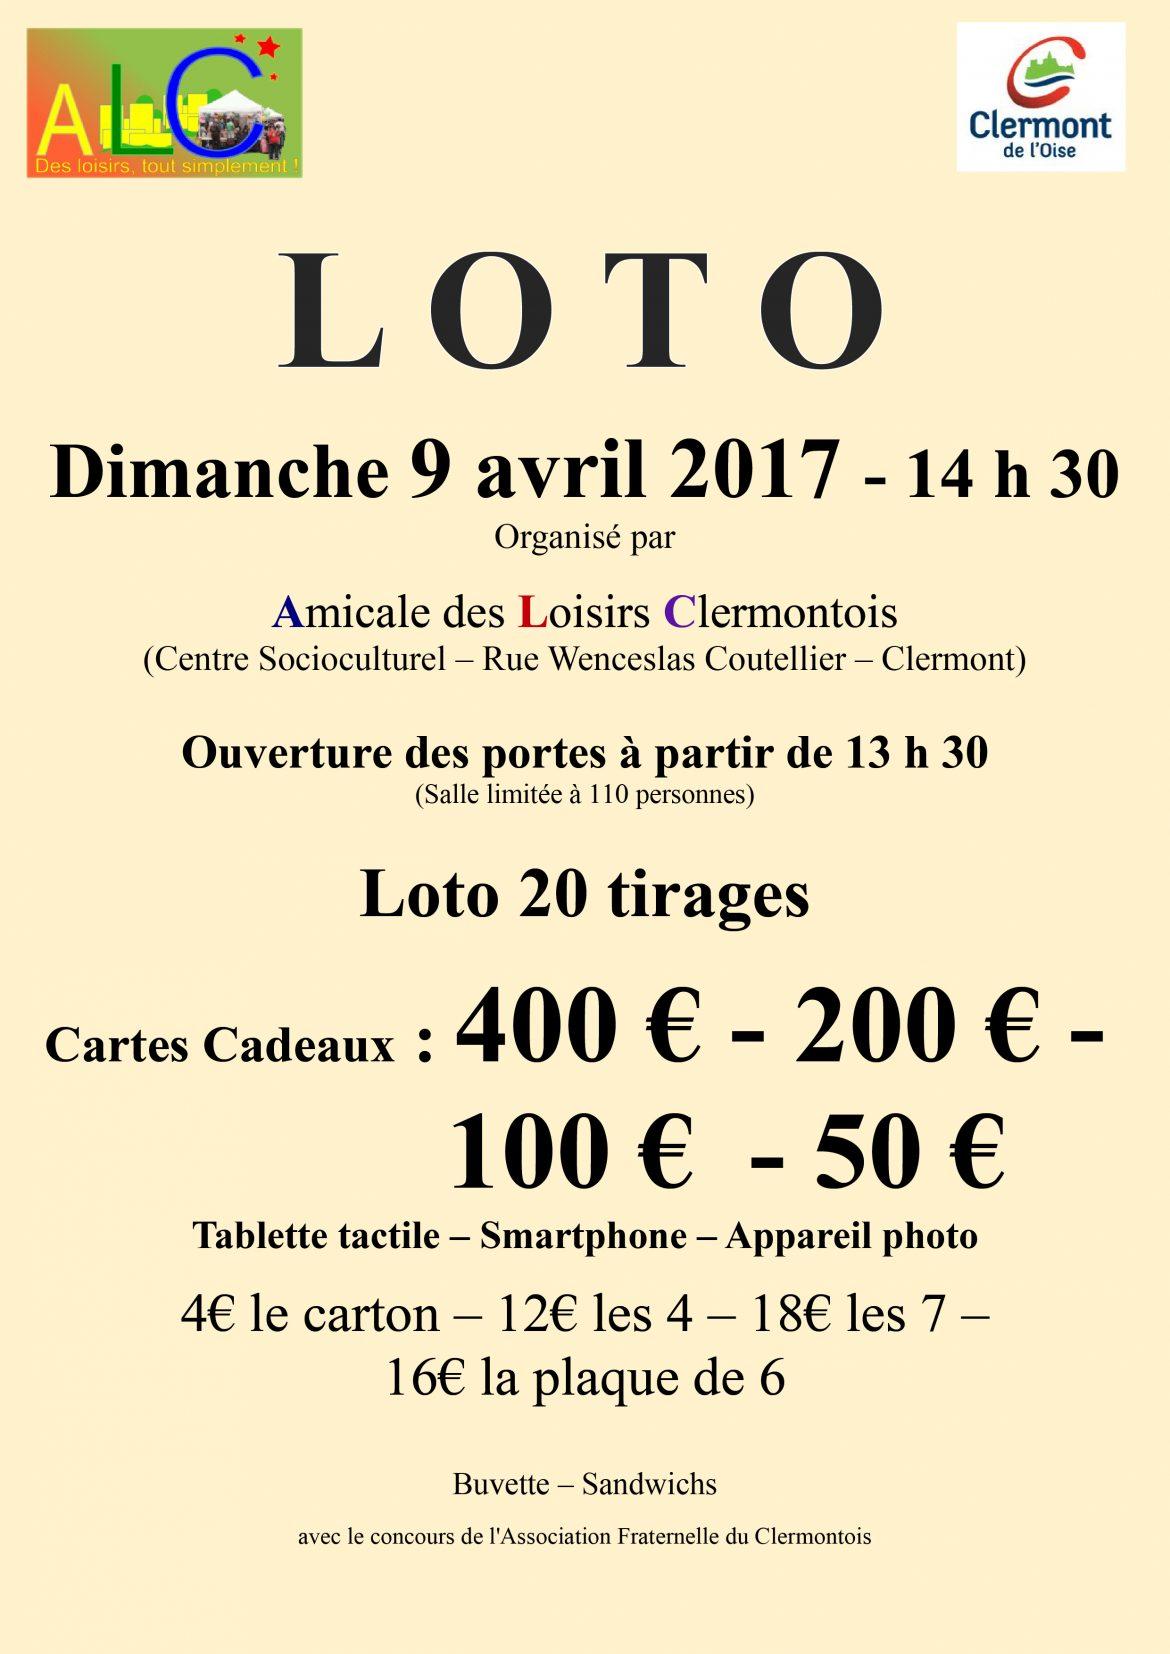 Amicale des Loisirs Clermontois - Loto, dimanche 9 avril 2017